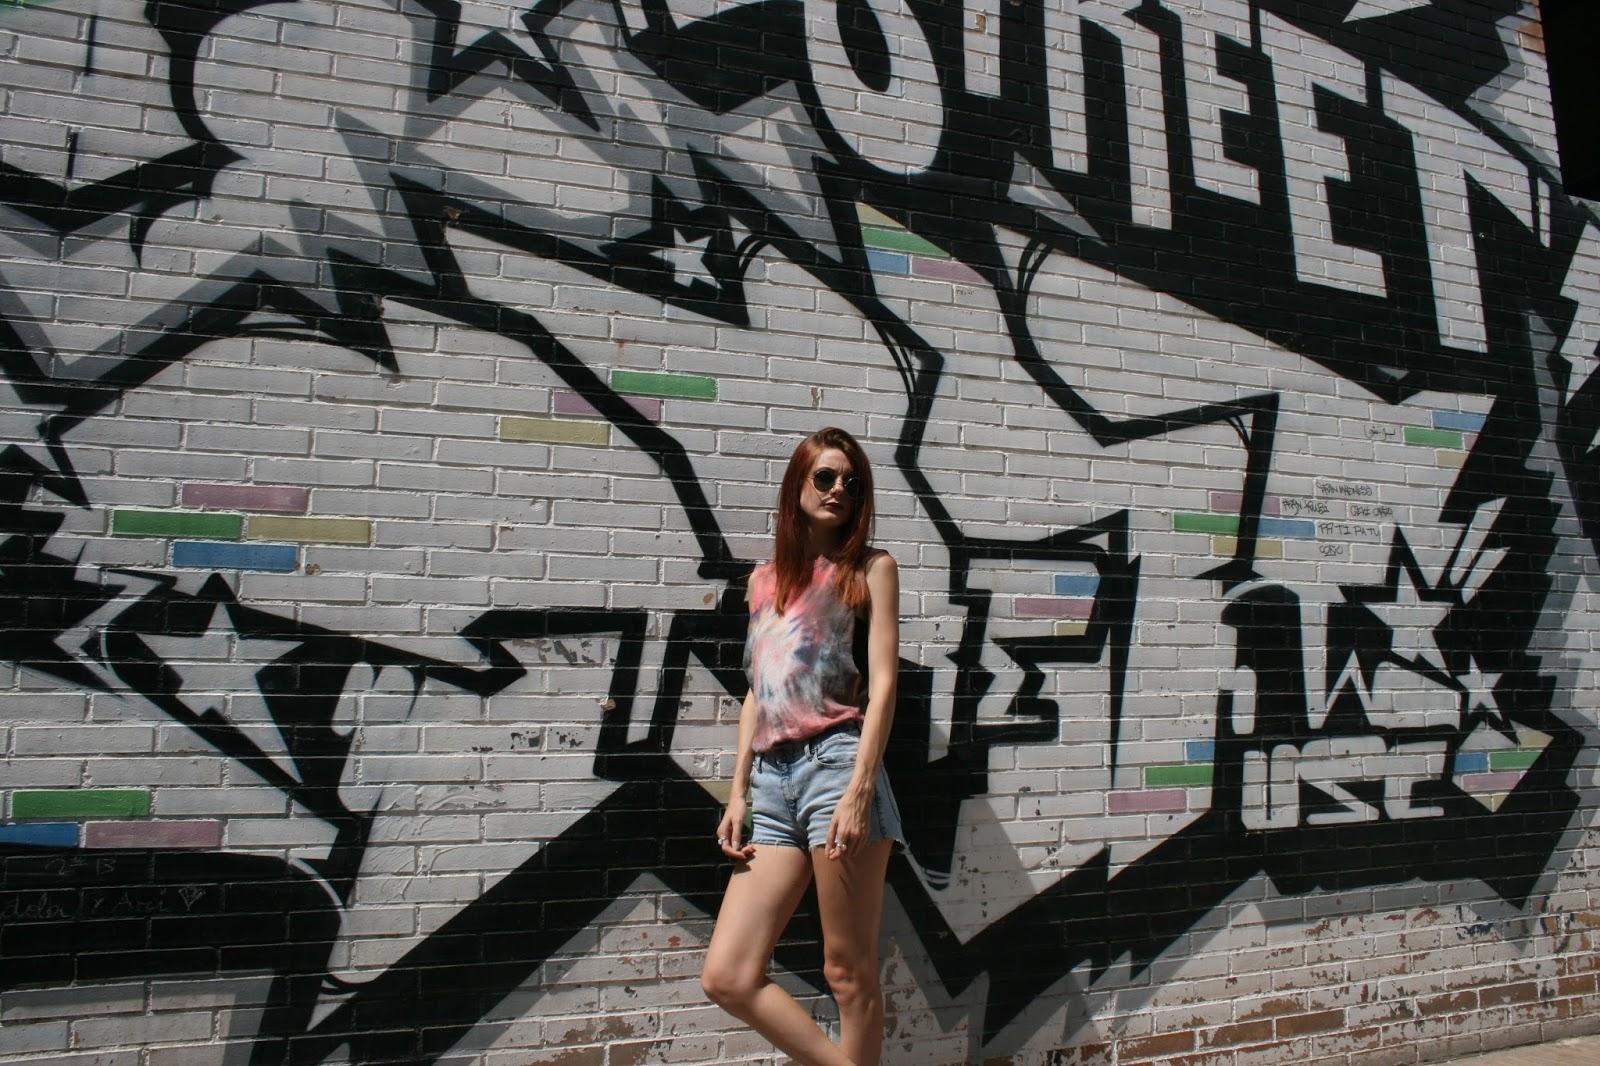 grunge-clothing-verano-zara